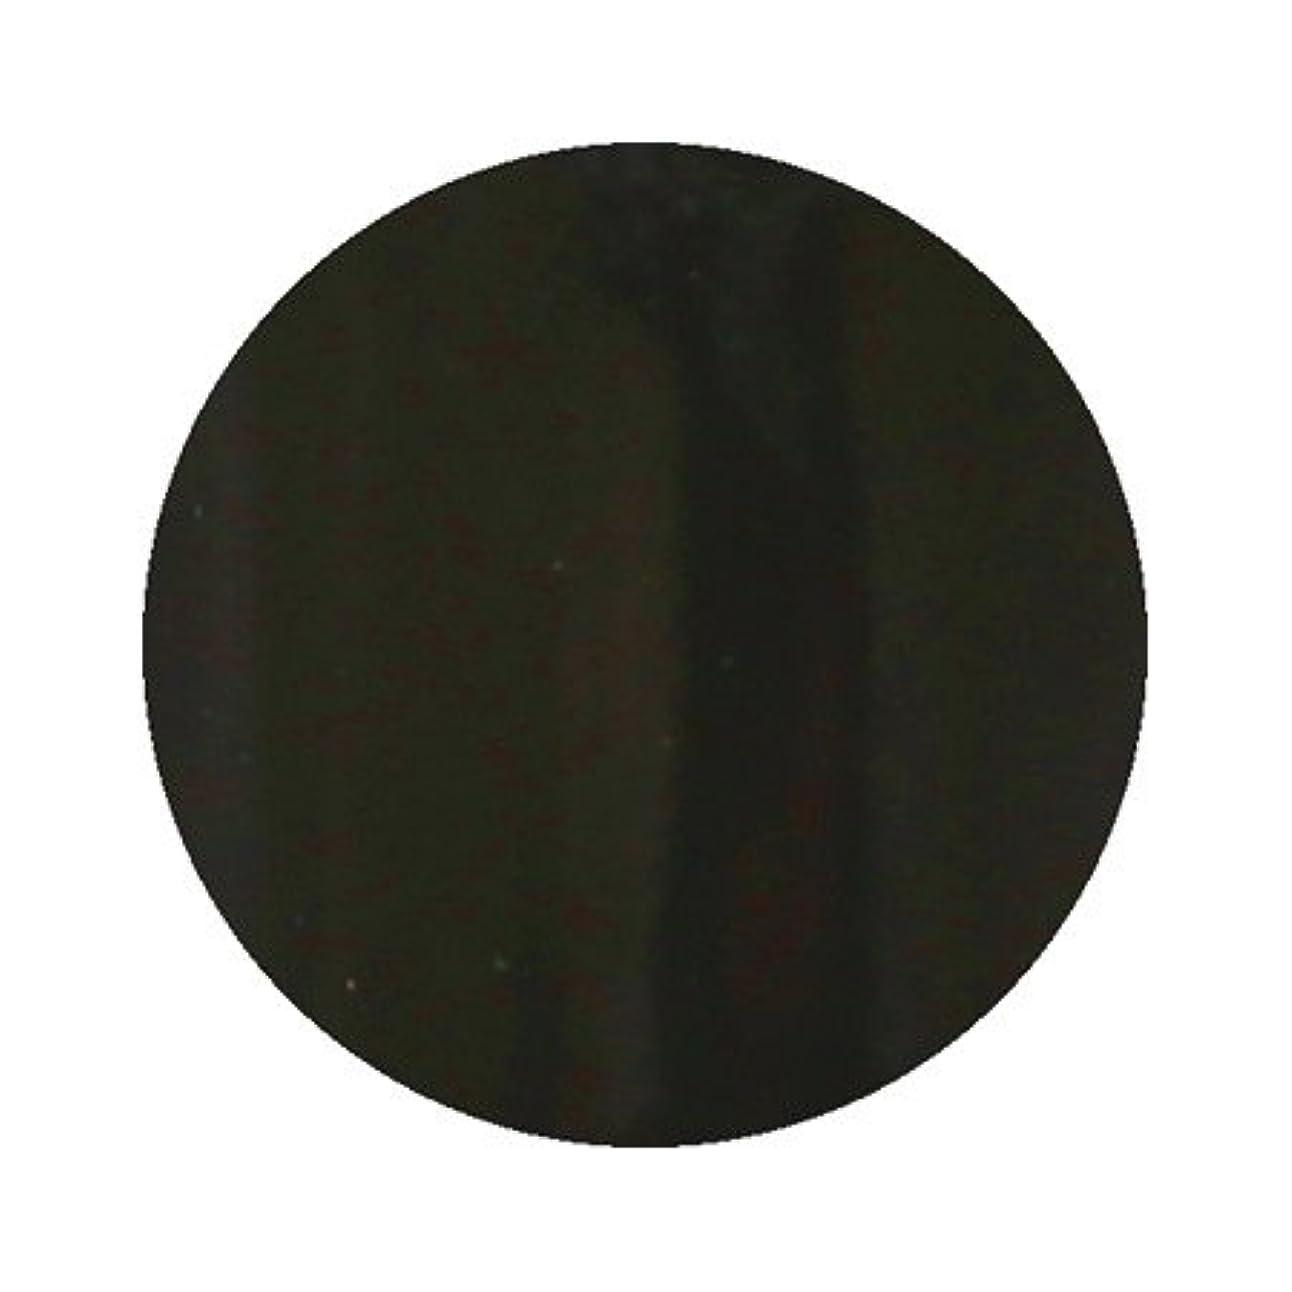 水野なパラポリッシュ ハイブリッドカラージェル MD14 ディープグリーン 7g